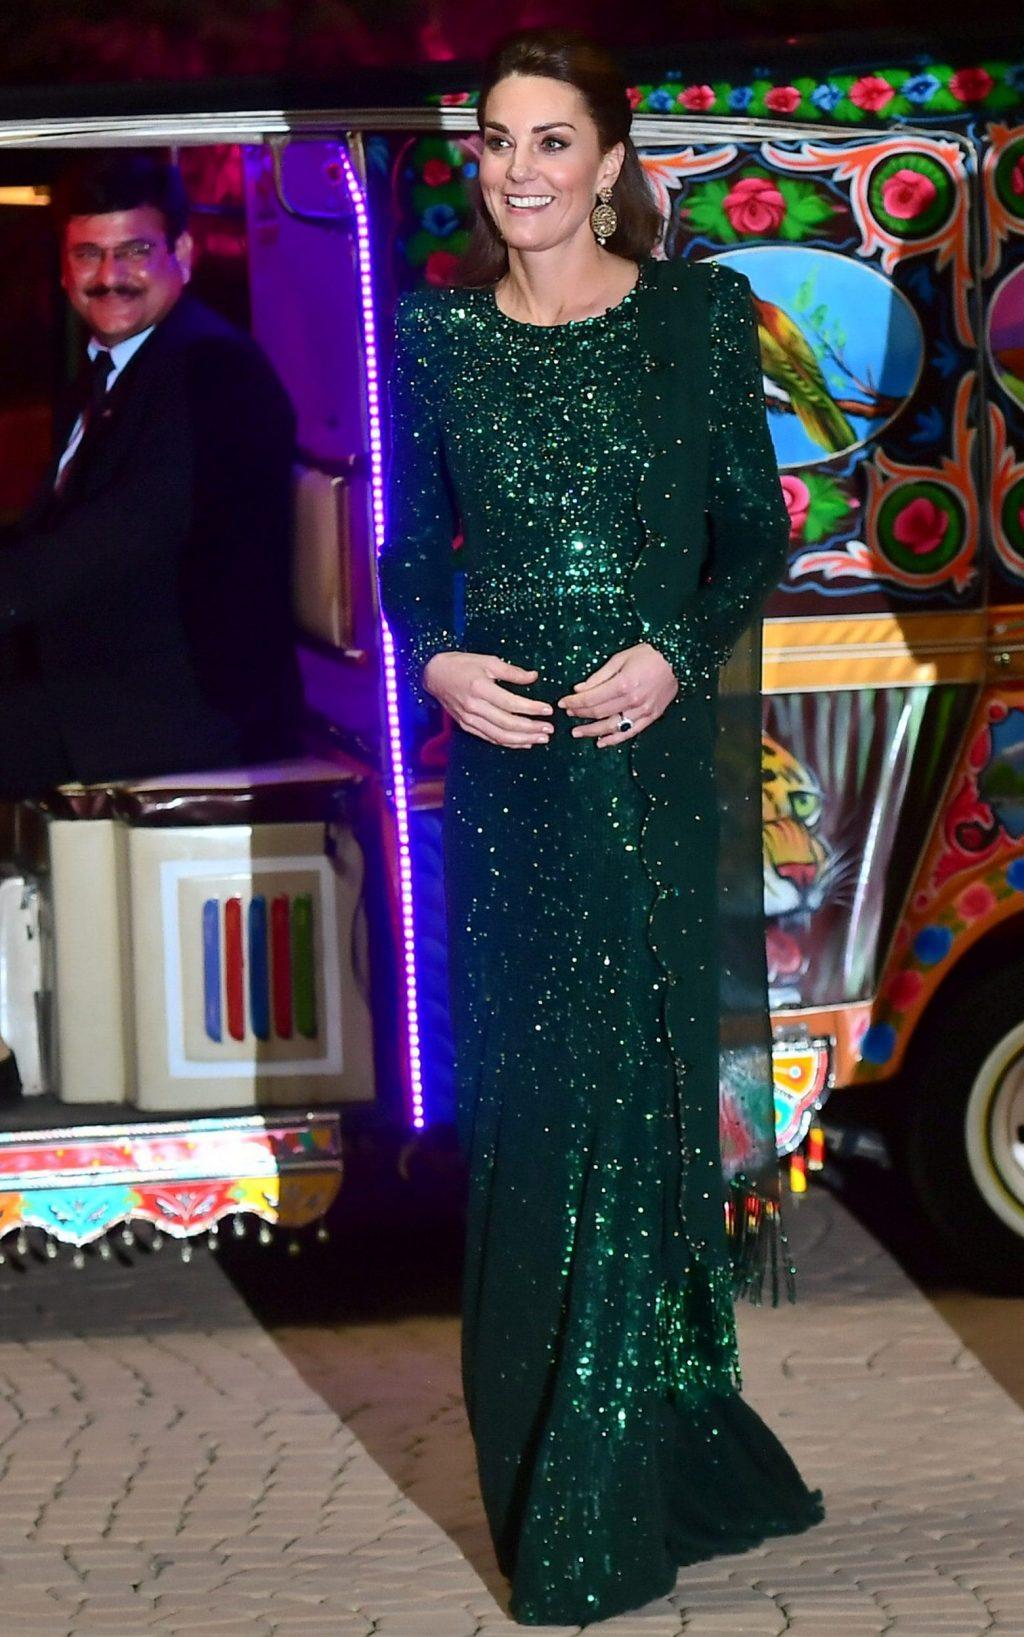 Công nương Kate trong chuyến viếng thăm Pakistan 2020